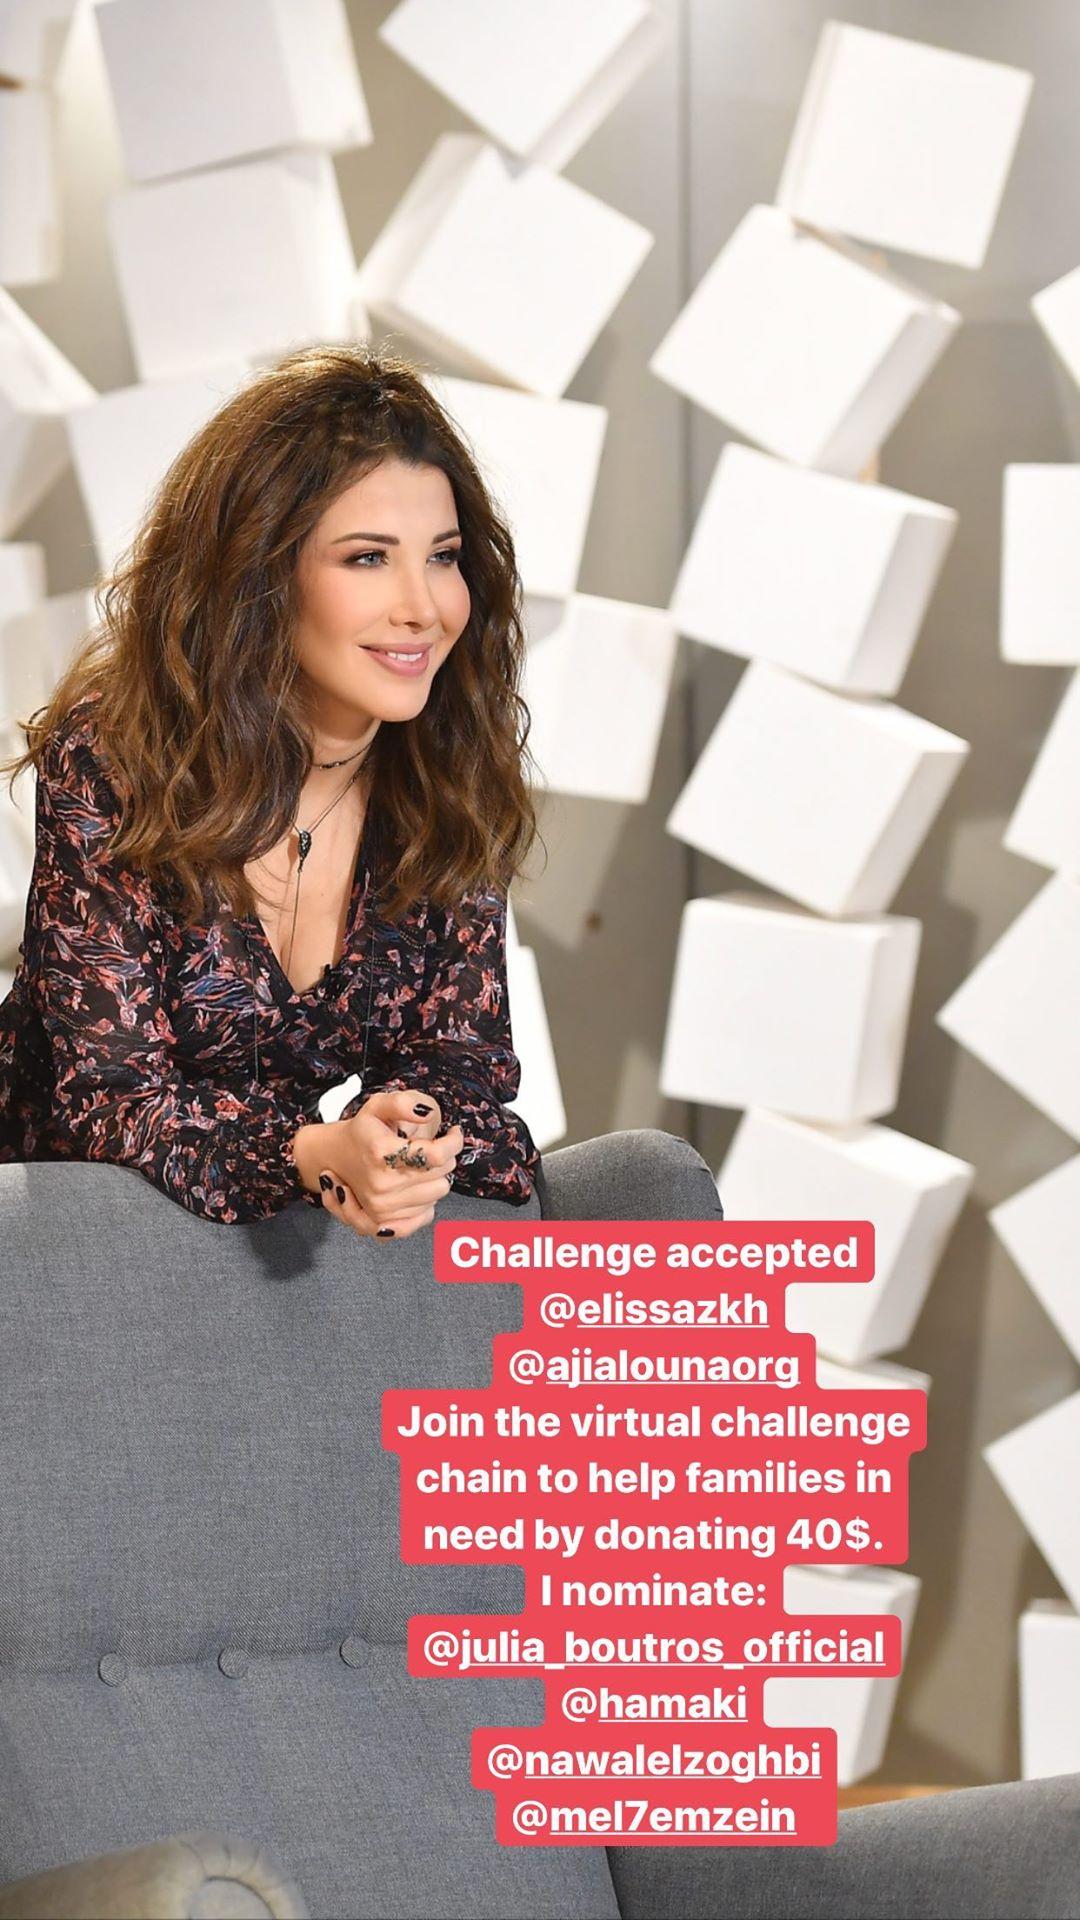 نانسي عجرم قبلت التحدي وقدمت 10 آلاف دولار لمستشفى رفيق الحريري، و10 آلاف أخرى للصليب الأحمر اللبناني